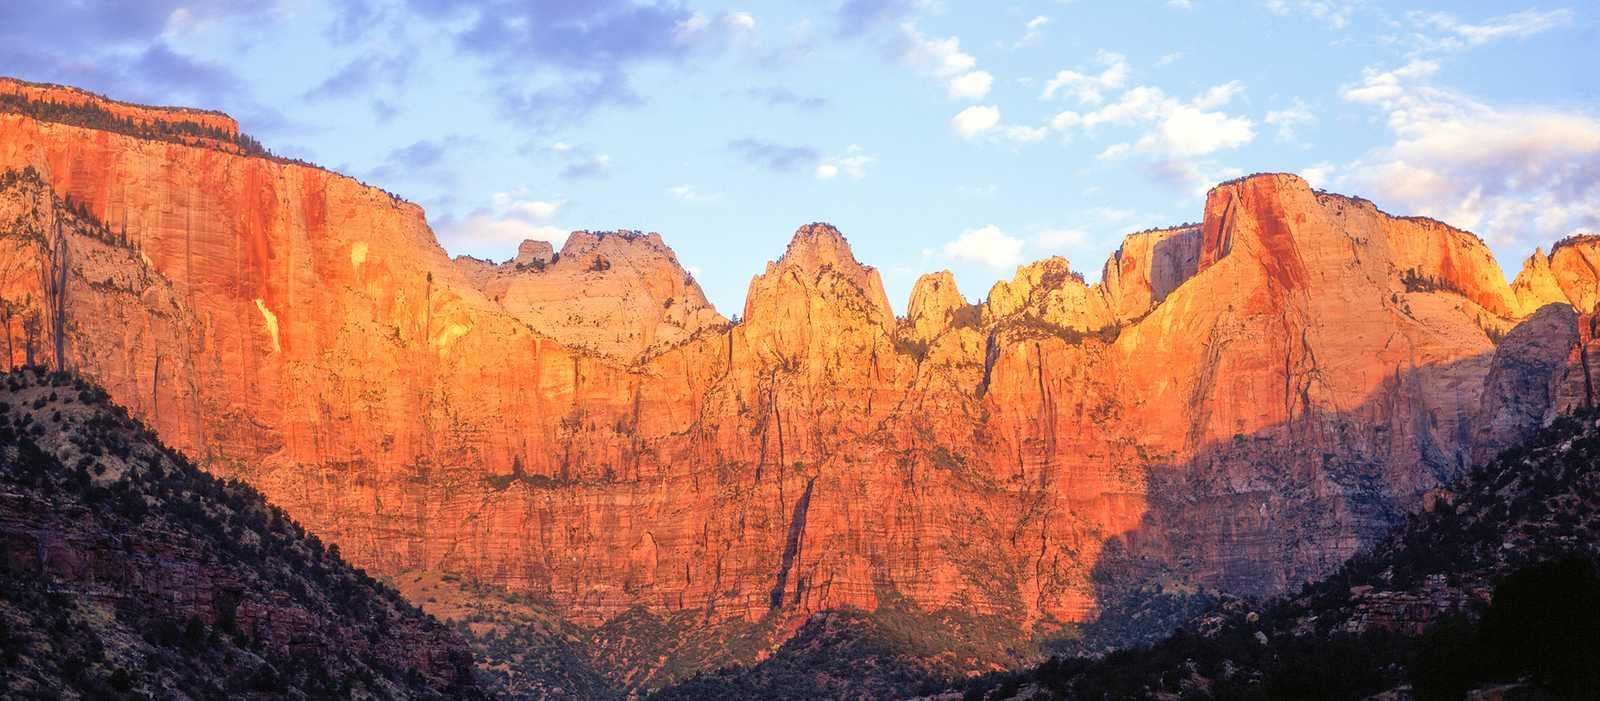 Der Zion Nationalpark im Licht der Abendsonne